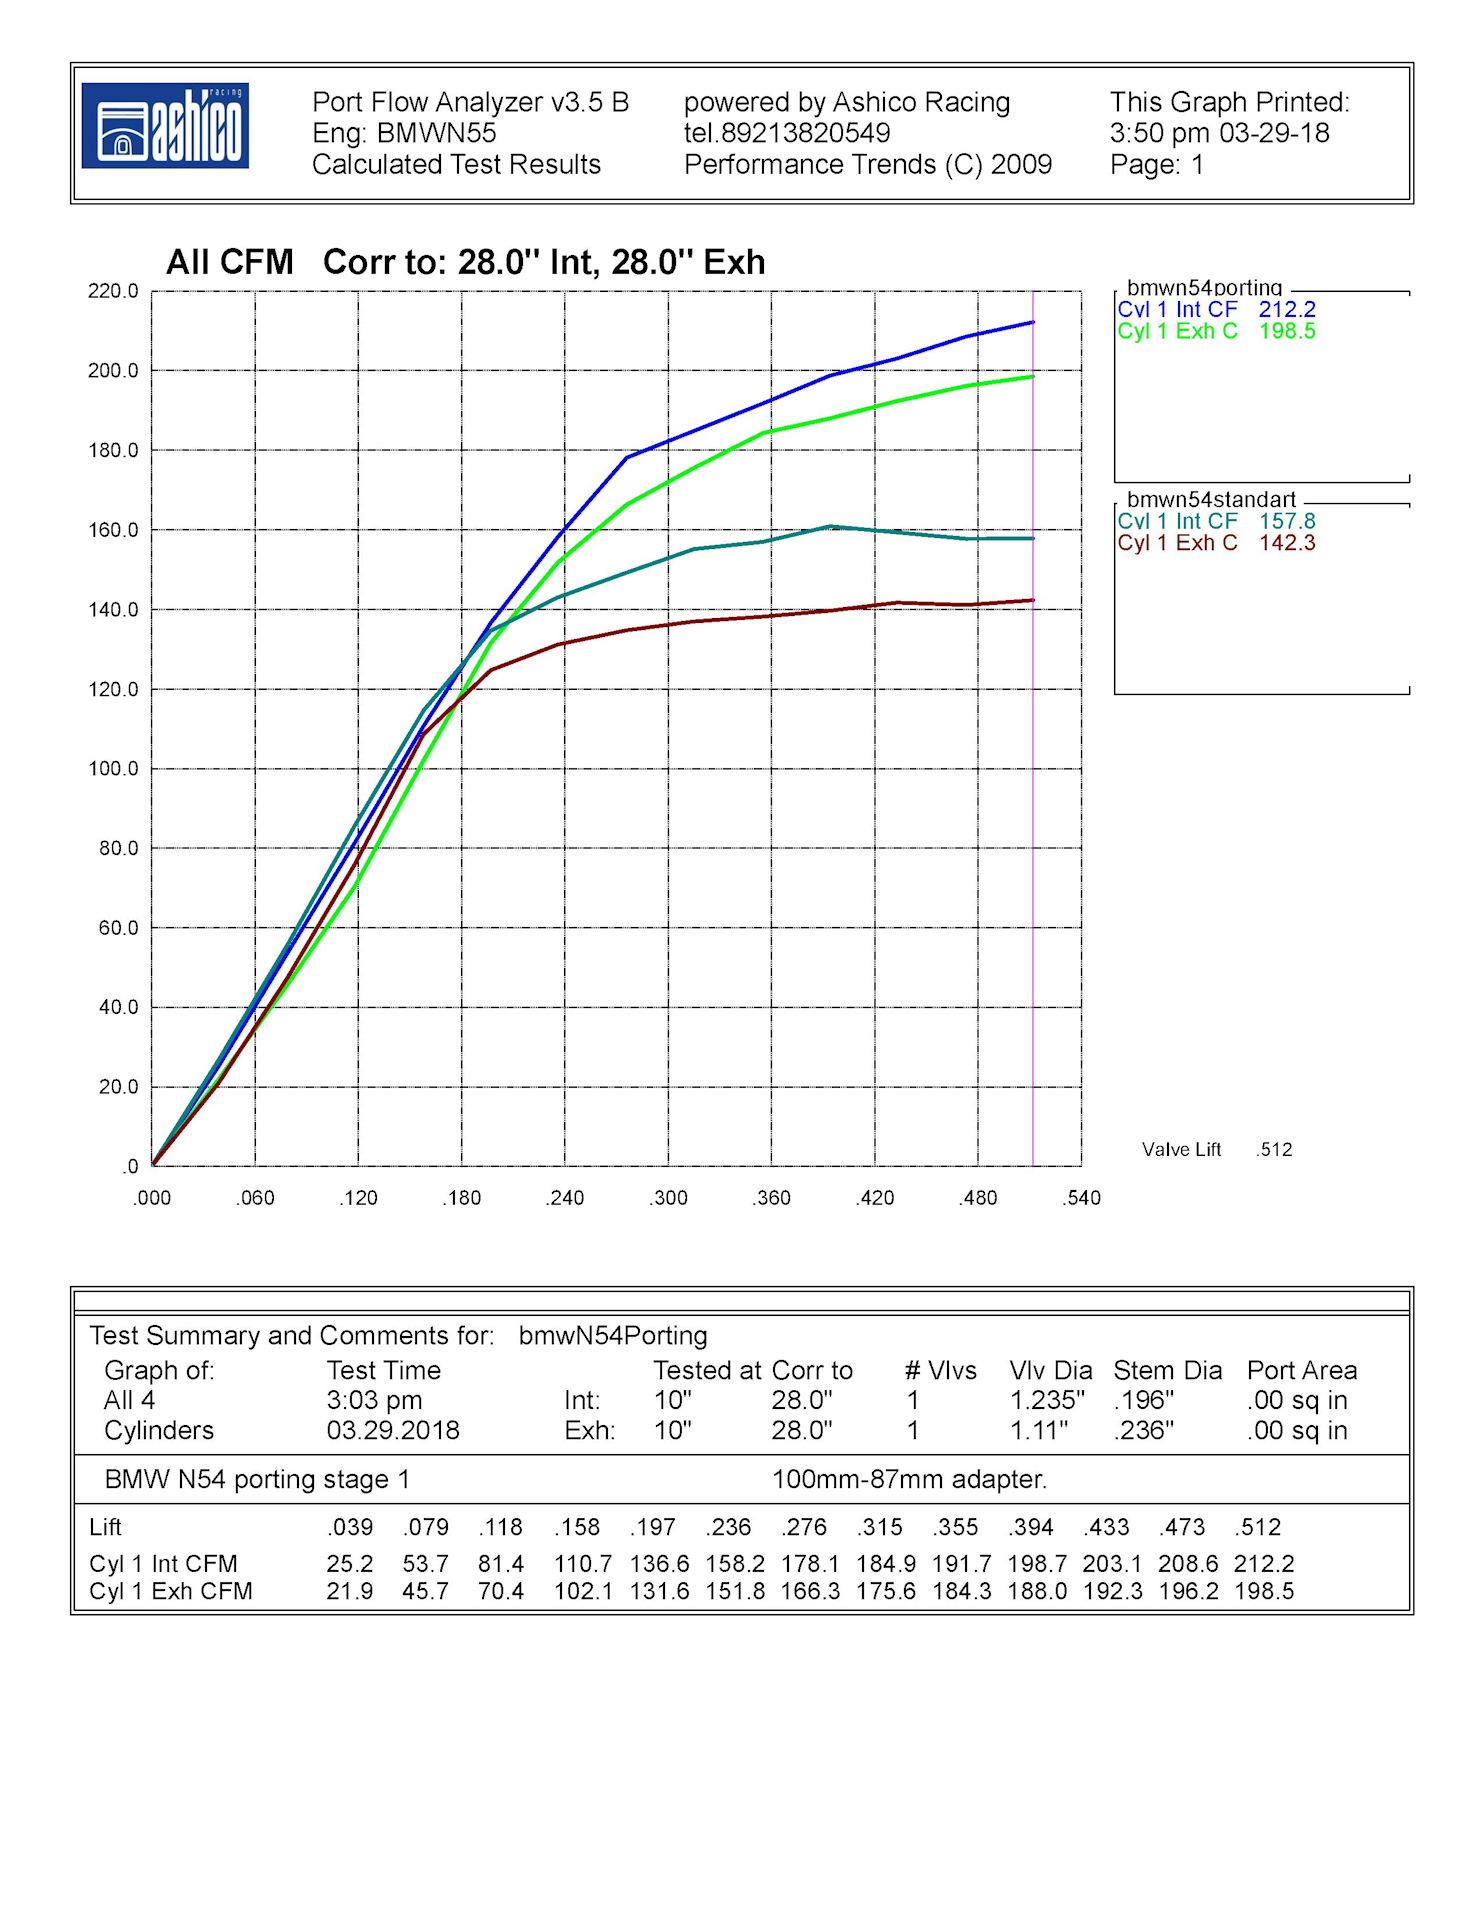 N54 Engine Diagram | Wiring Liry on bmw e36 fuse box location, bmw 3 series fuse box location, bmw z4 convertible top problems, bmw 318i fuse box location, bmw e92 fuse box location, bmw z4 relay location, bmw e39 fuse box location, bmw 328i fuse box diagram, bmw z4 dash, bmw z4 amp location, 2006 bmw 325i fuse location, bmw z4 engine, bmw z4 battery location, bmw x6 fuse box location, bmw 330ci fuse box location, bmw e38 fuse box location, bmw 320i fuse box location, bmw z4 manual, 2004 bmw fuse box location, bmw z4 diagram,